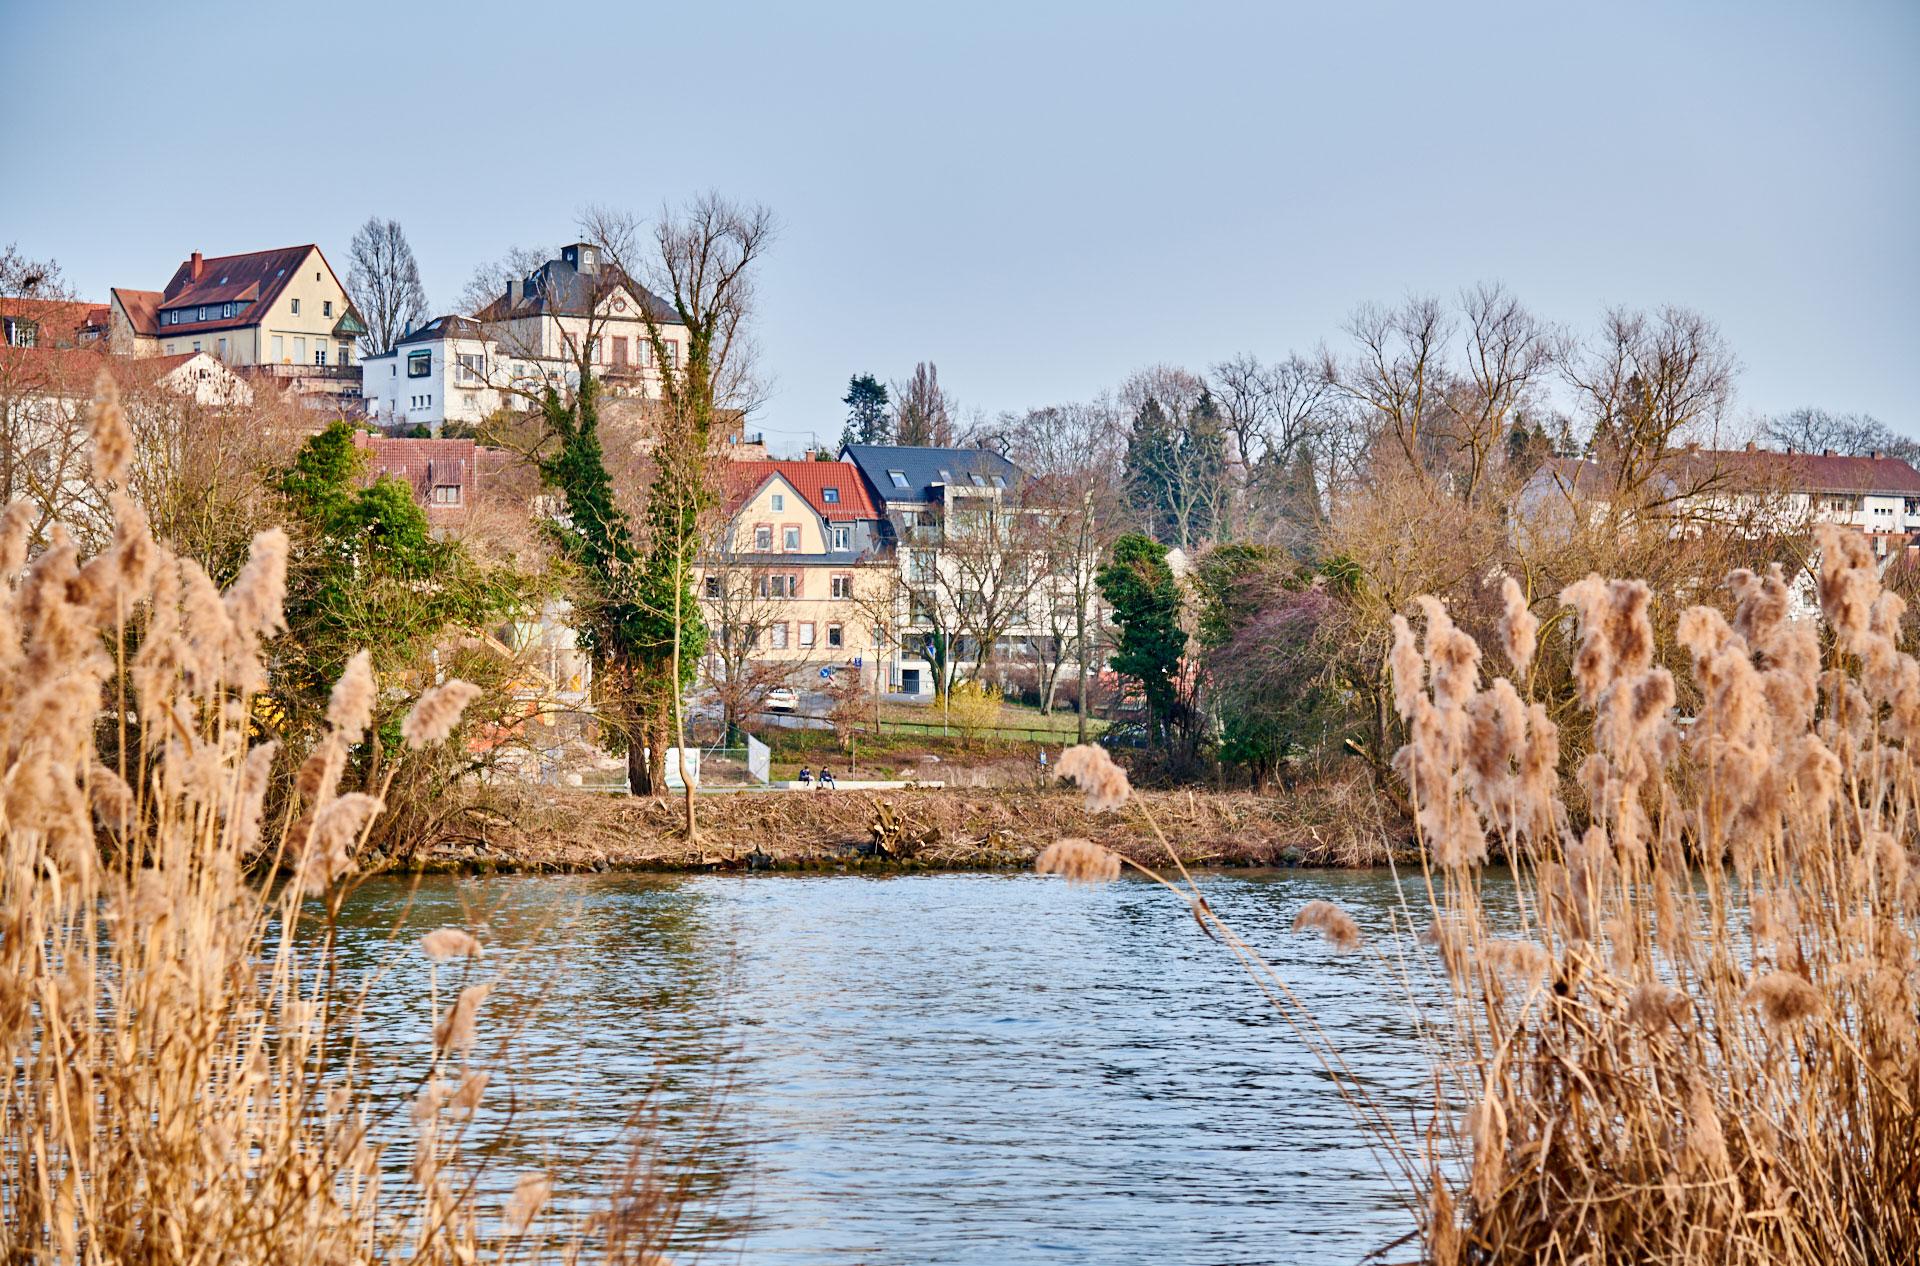 Blick vom Volksfestplatz Richtung Schlossufer (Blickrichtung Stiftsherr über die obere, kleinere Sichtschneise ©Thomas Göttemann